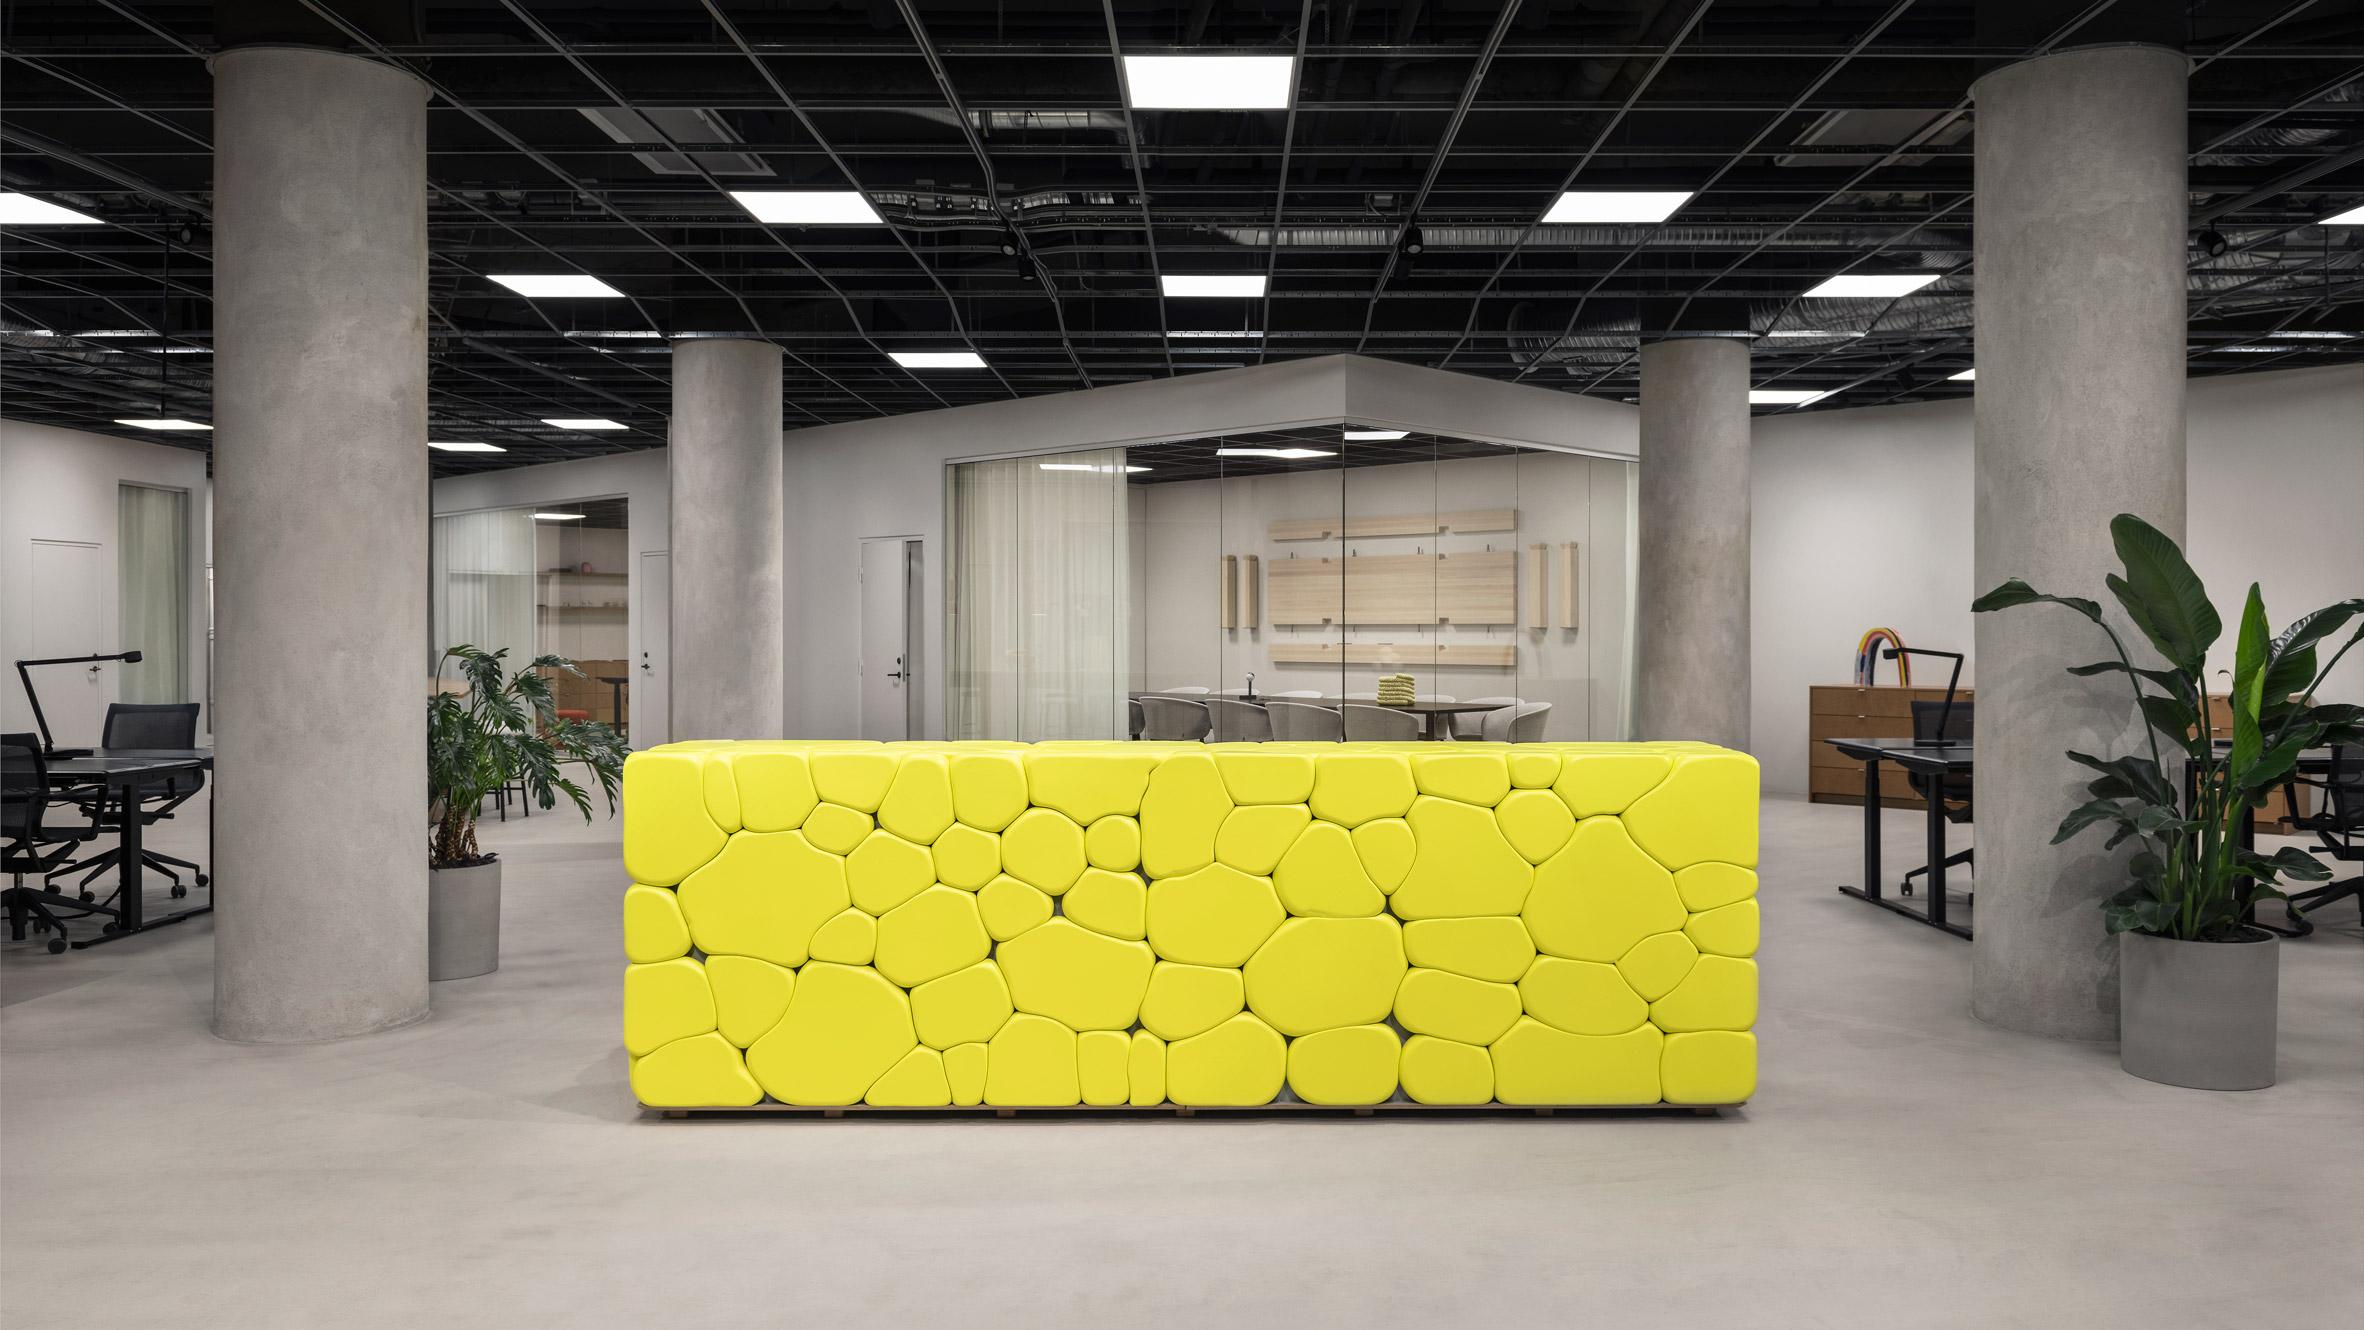 thiết kế nội thất văn phòng, những khu vực như sảnh chờ văn phòng, coworking space có thể được sơn màu này sồi nhạt